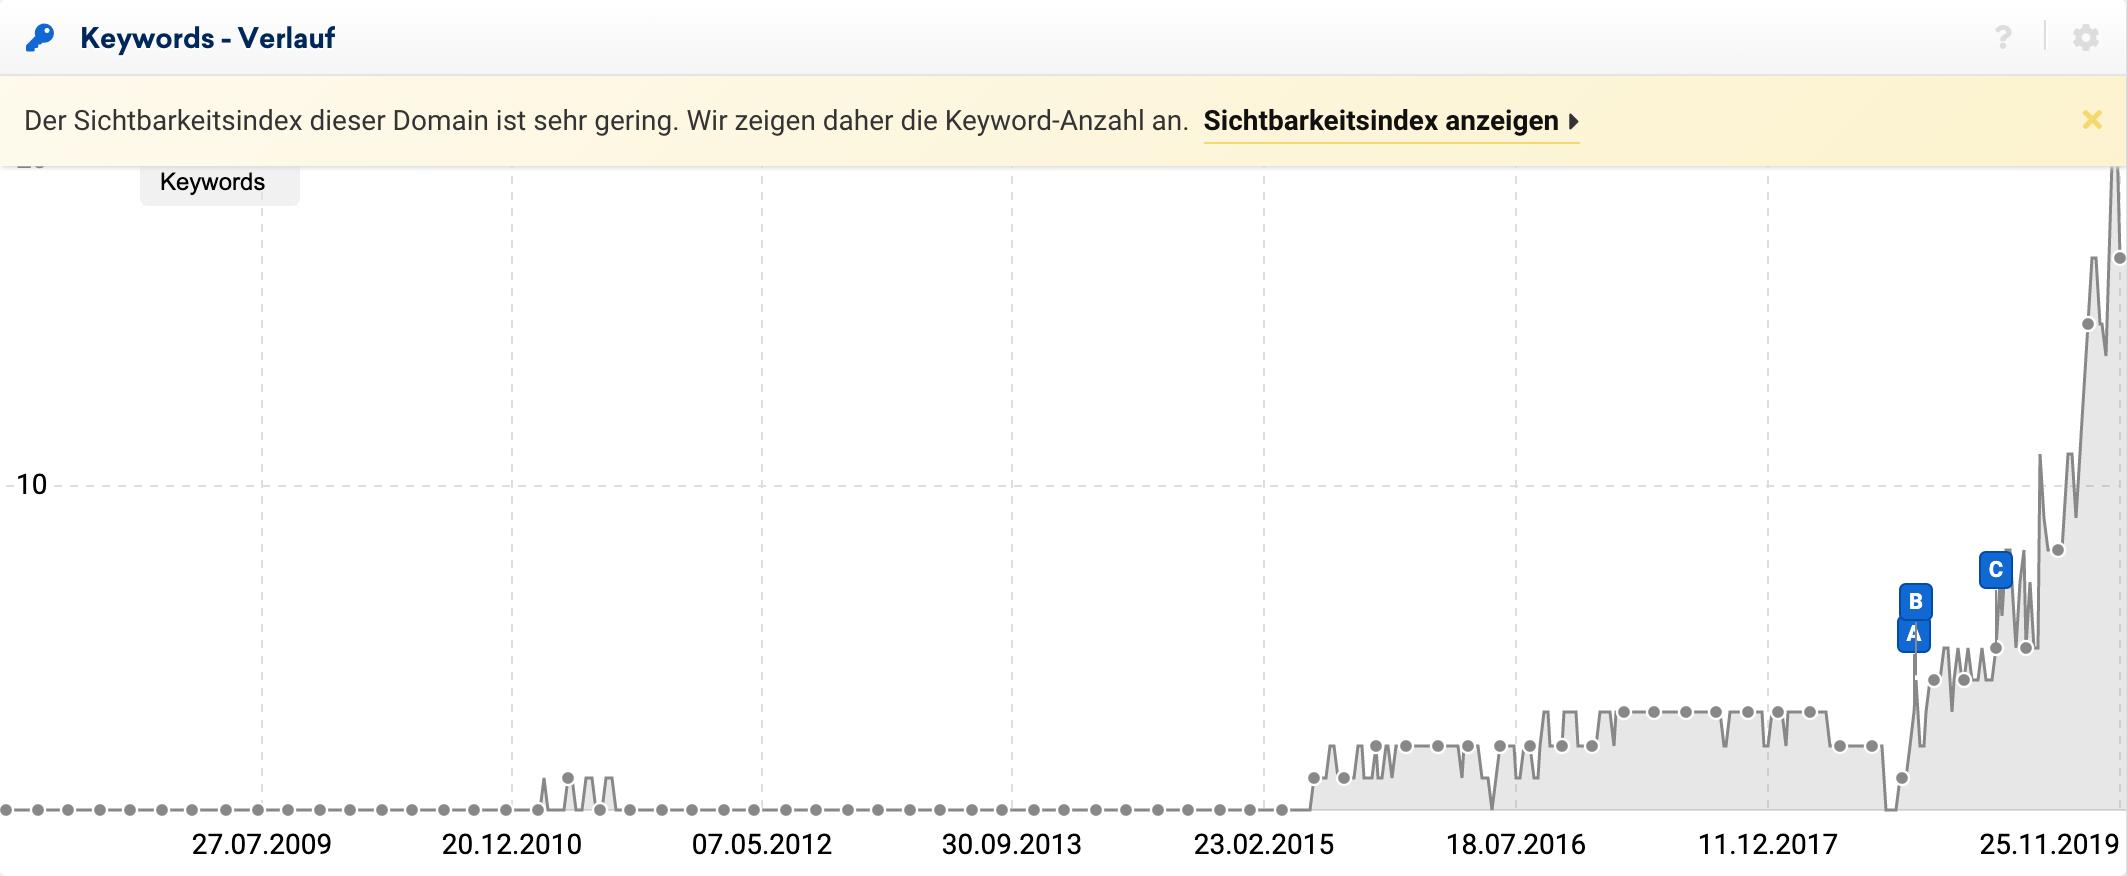 Verlauf der rankenden Keywords. Diese werden gezeigt wenn der Sichtbarkeitsindex der Domain zu gering ist.